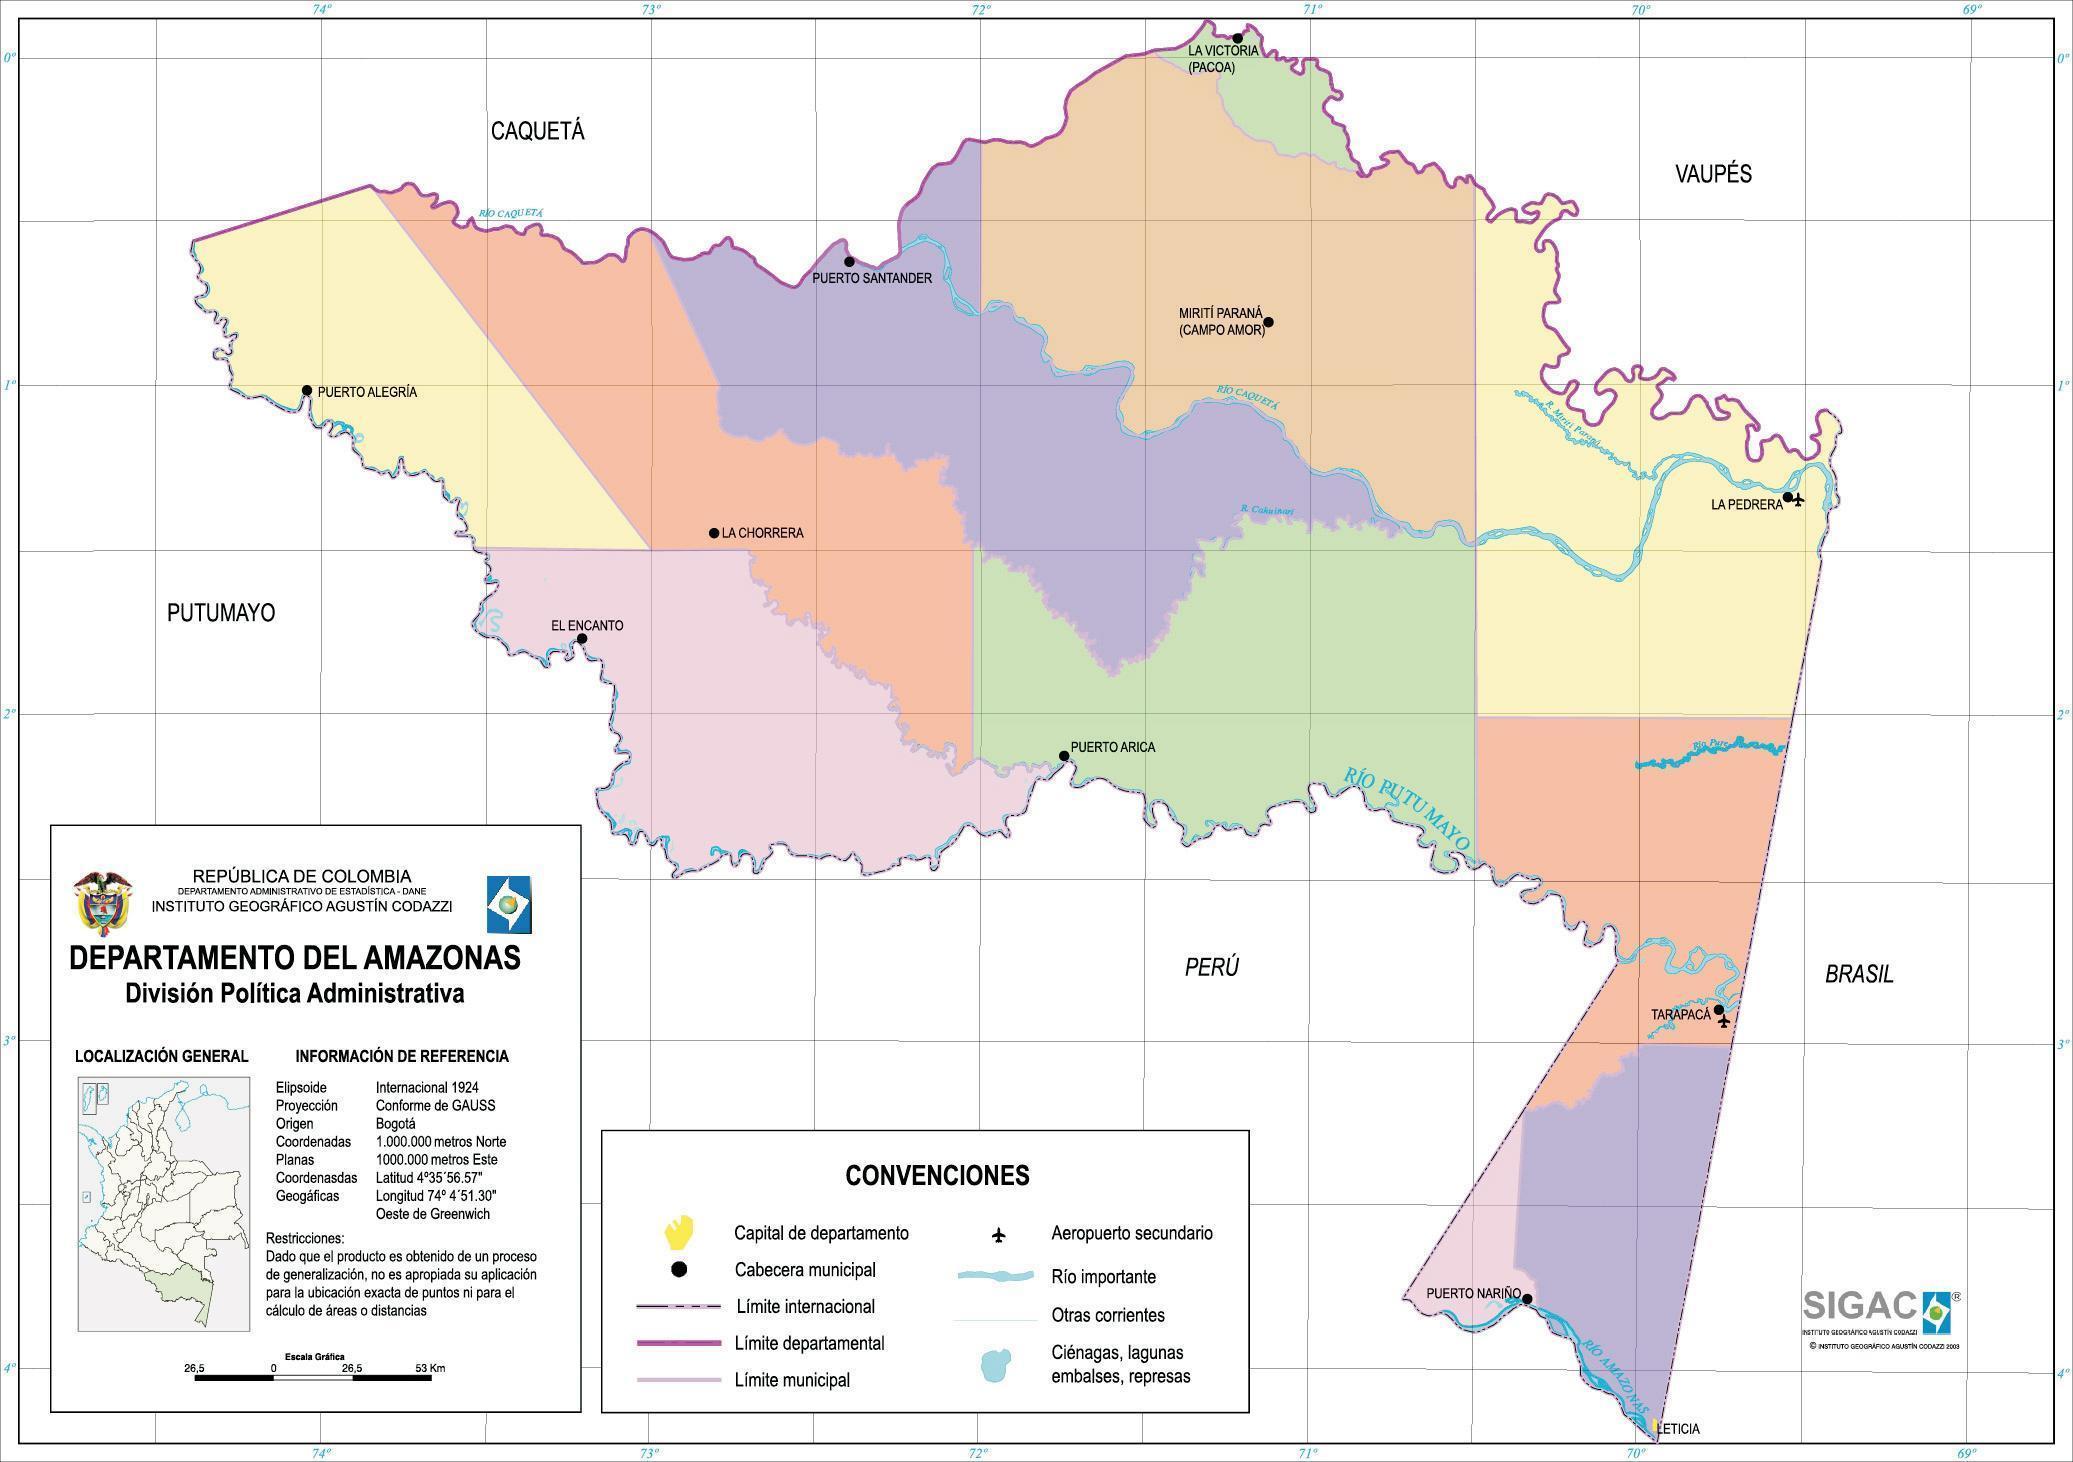 Mapa del Departamento del Amazonas, Colombia